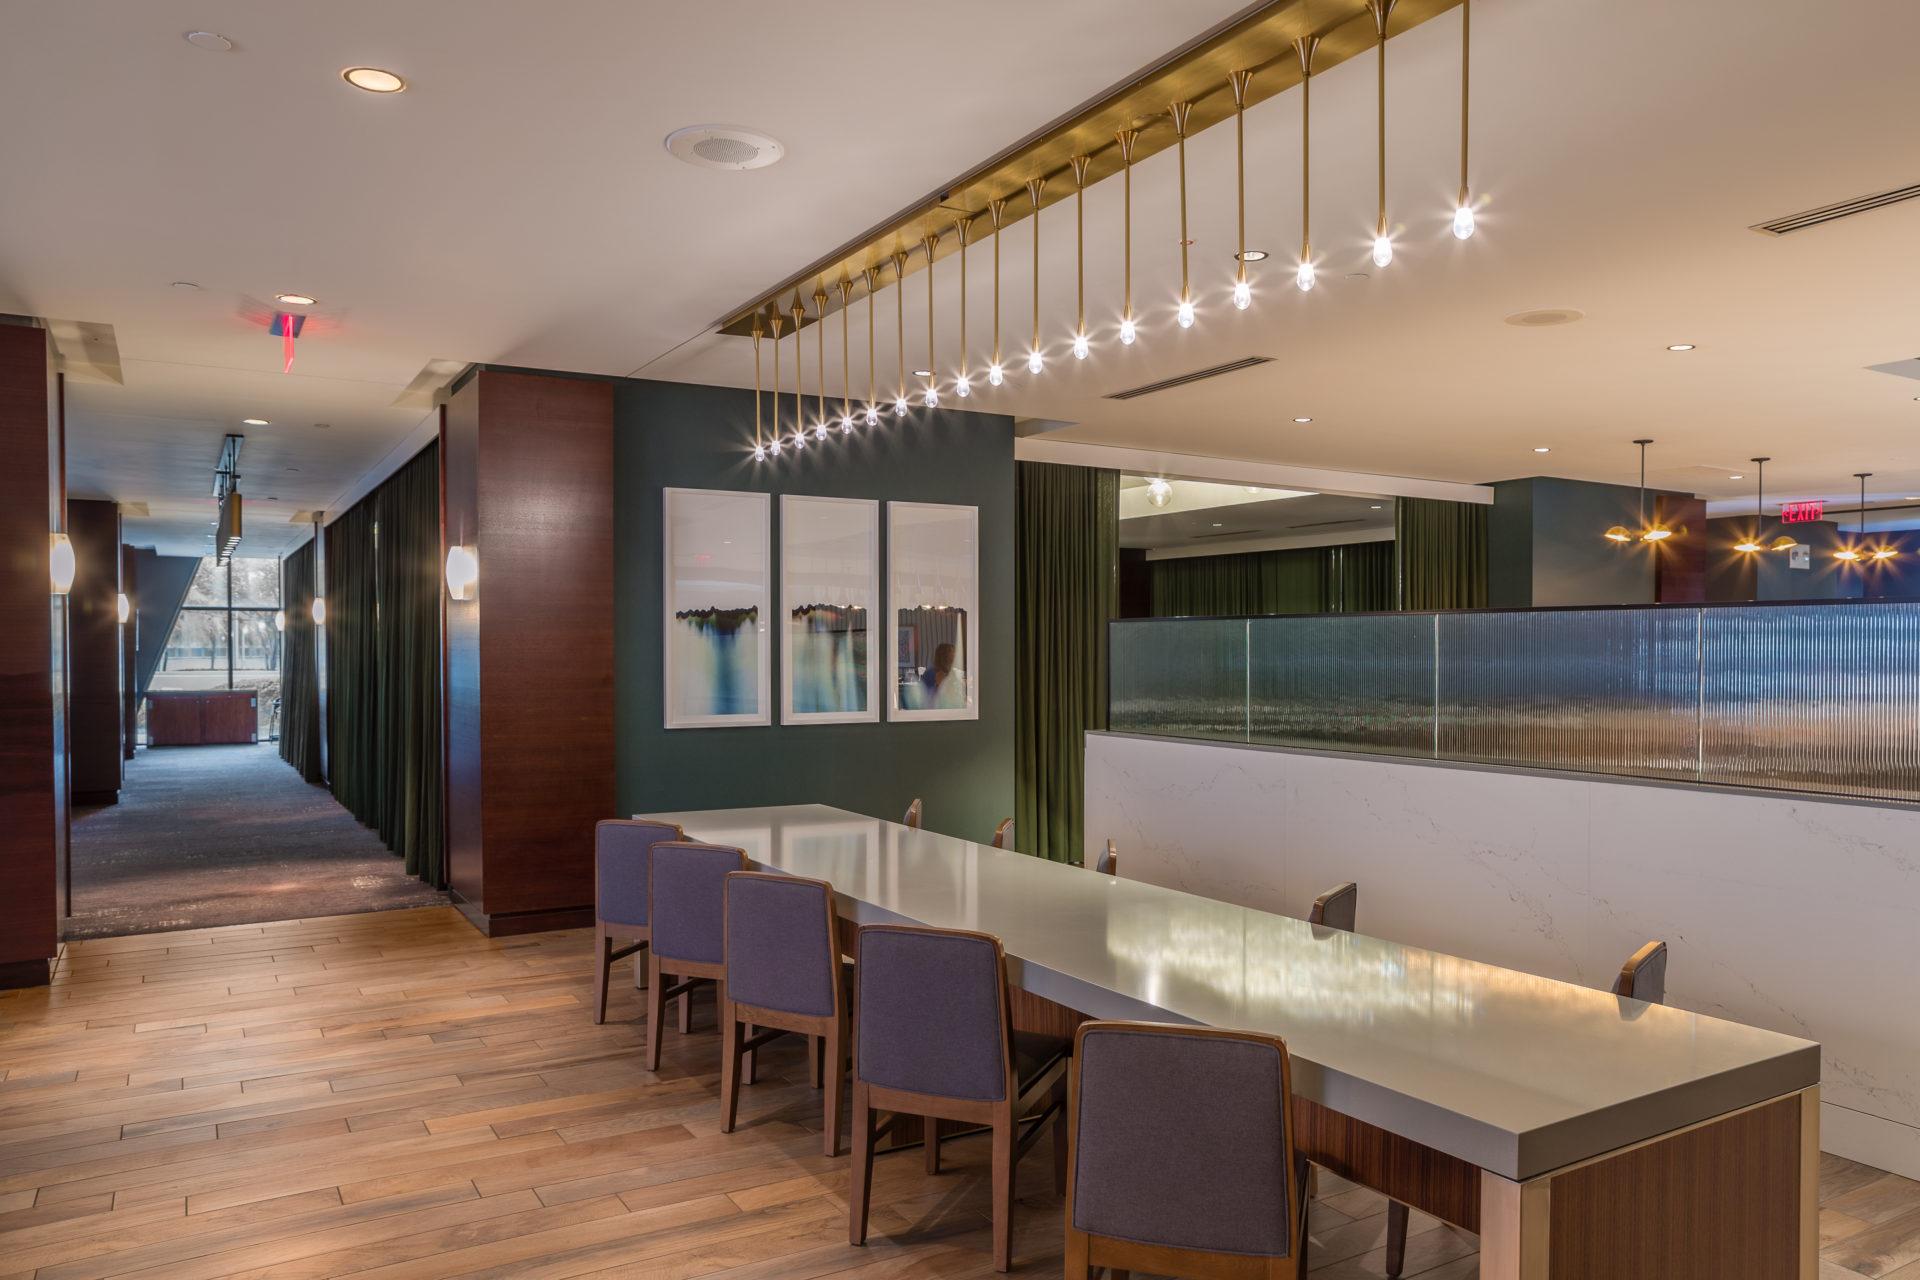 Hotel bar with tiled floors